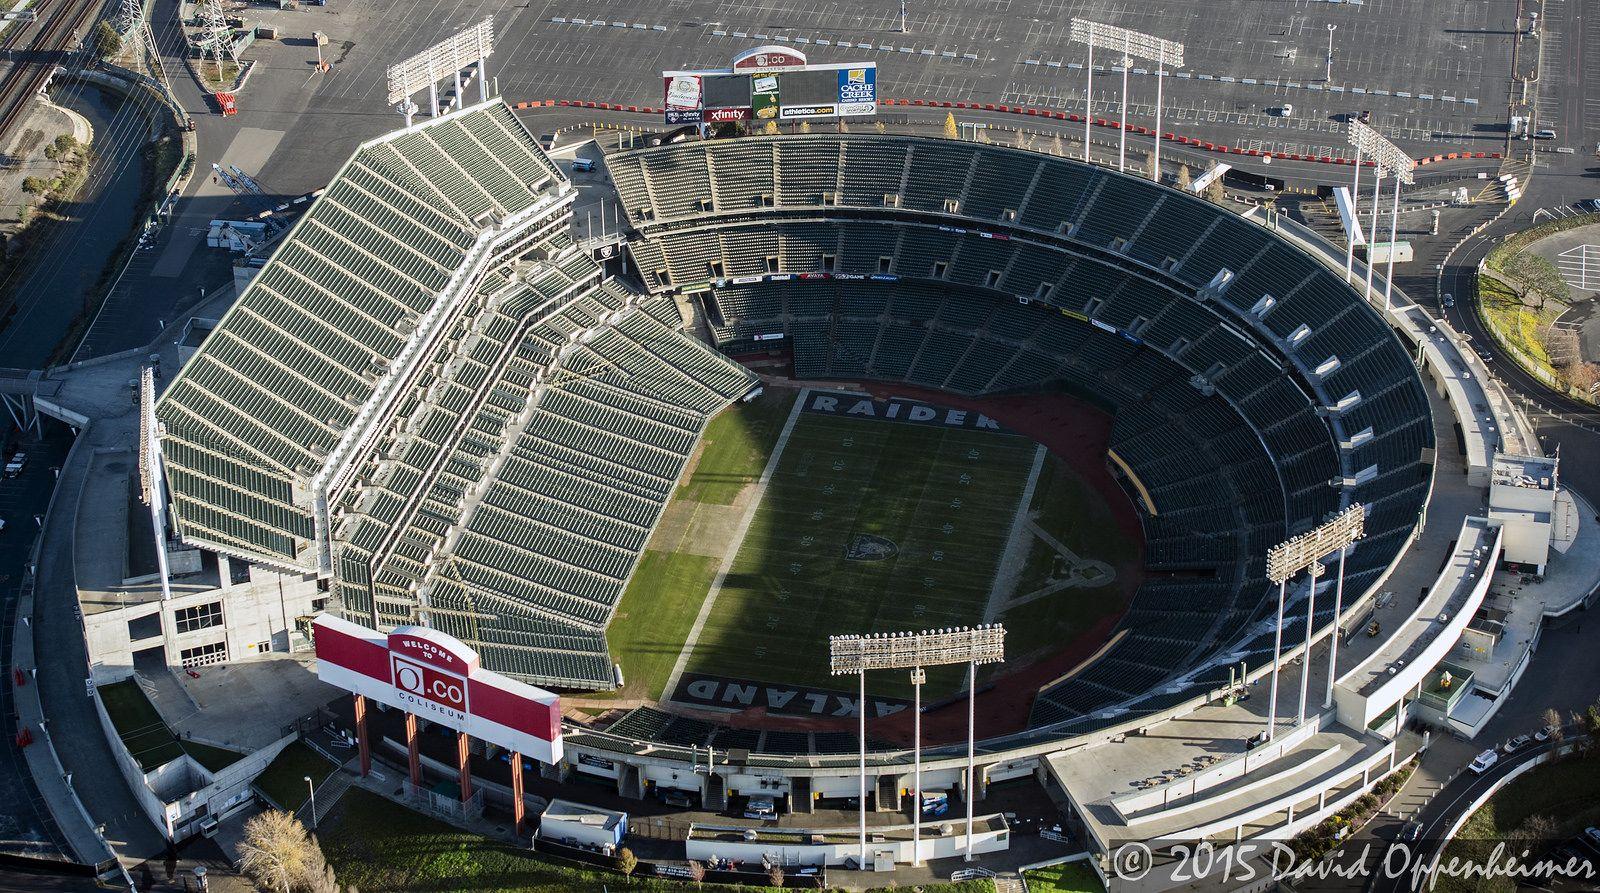 O Co Coliseum Oakland Coliseum Stadiumdb Com